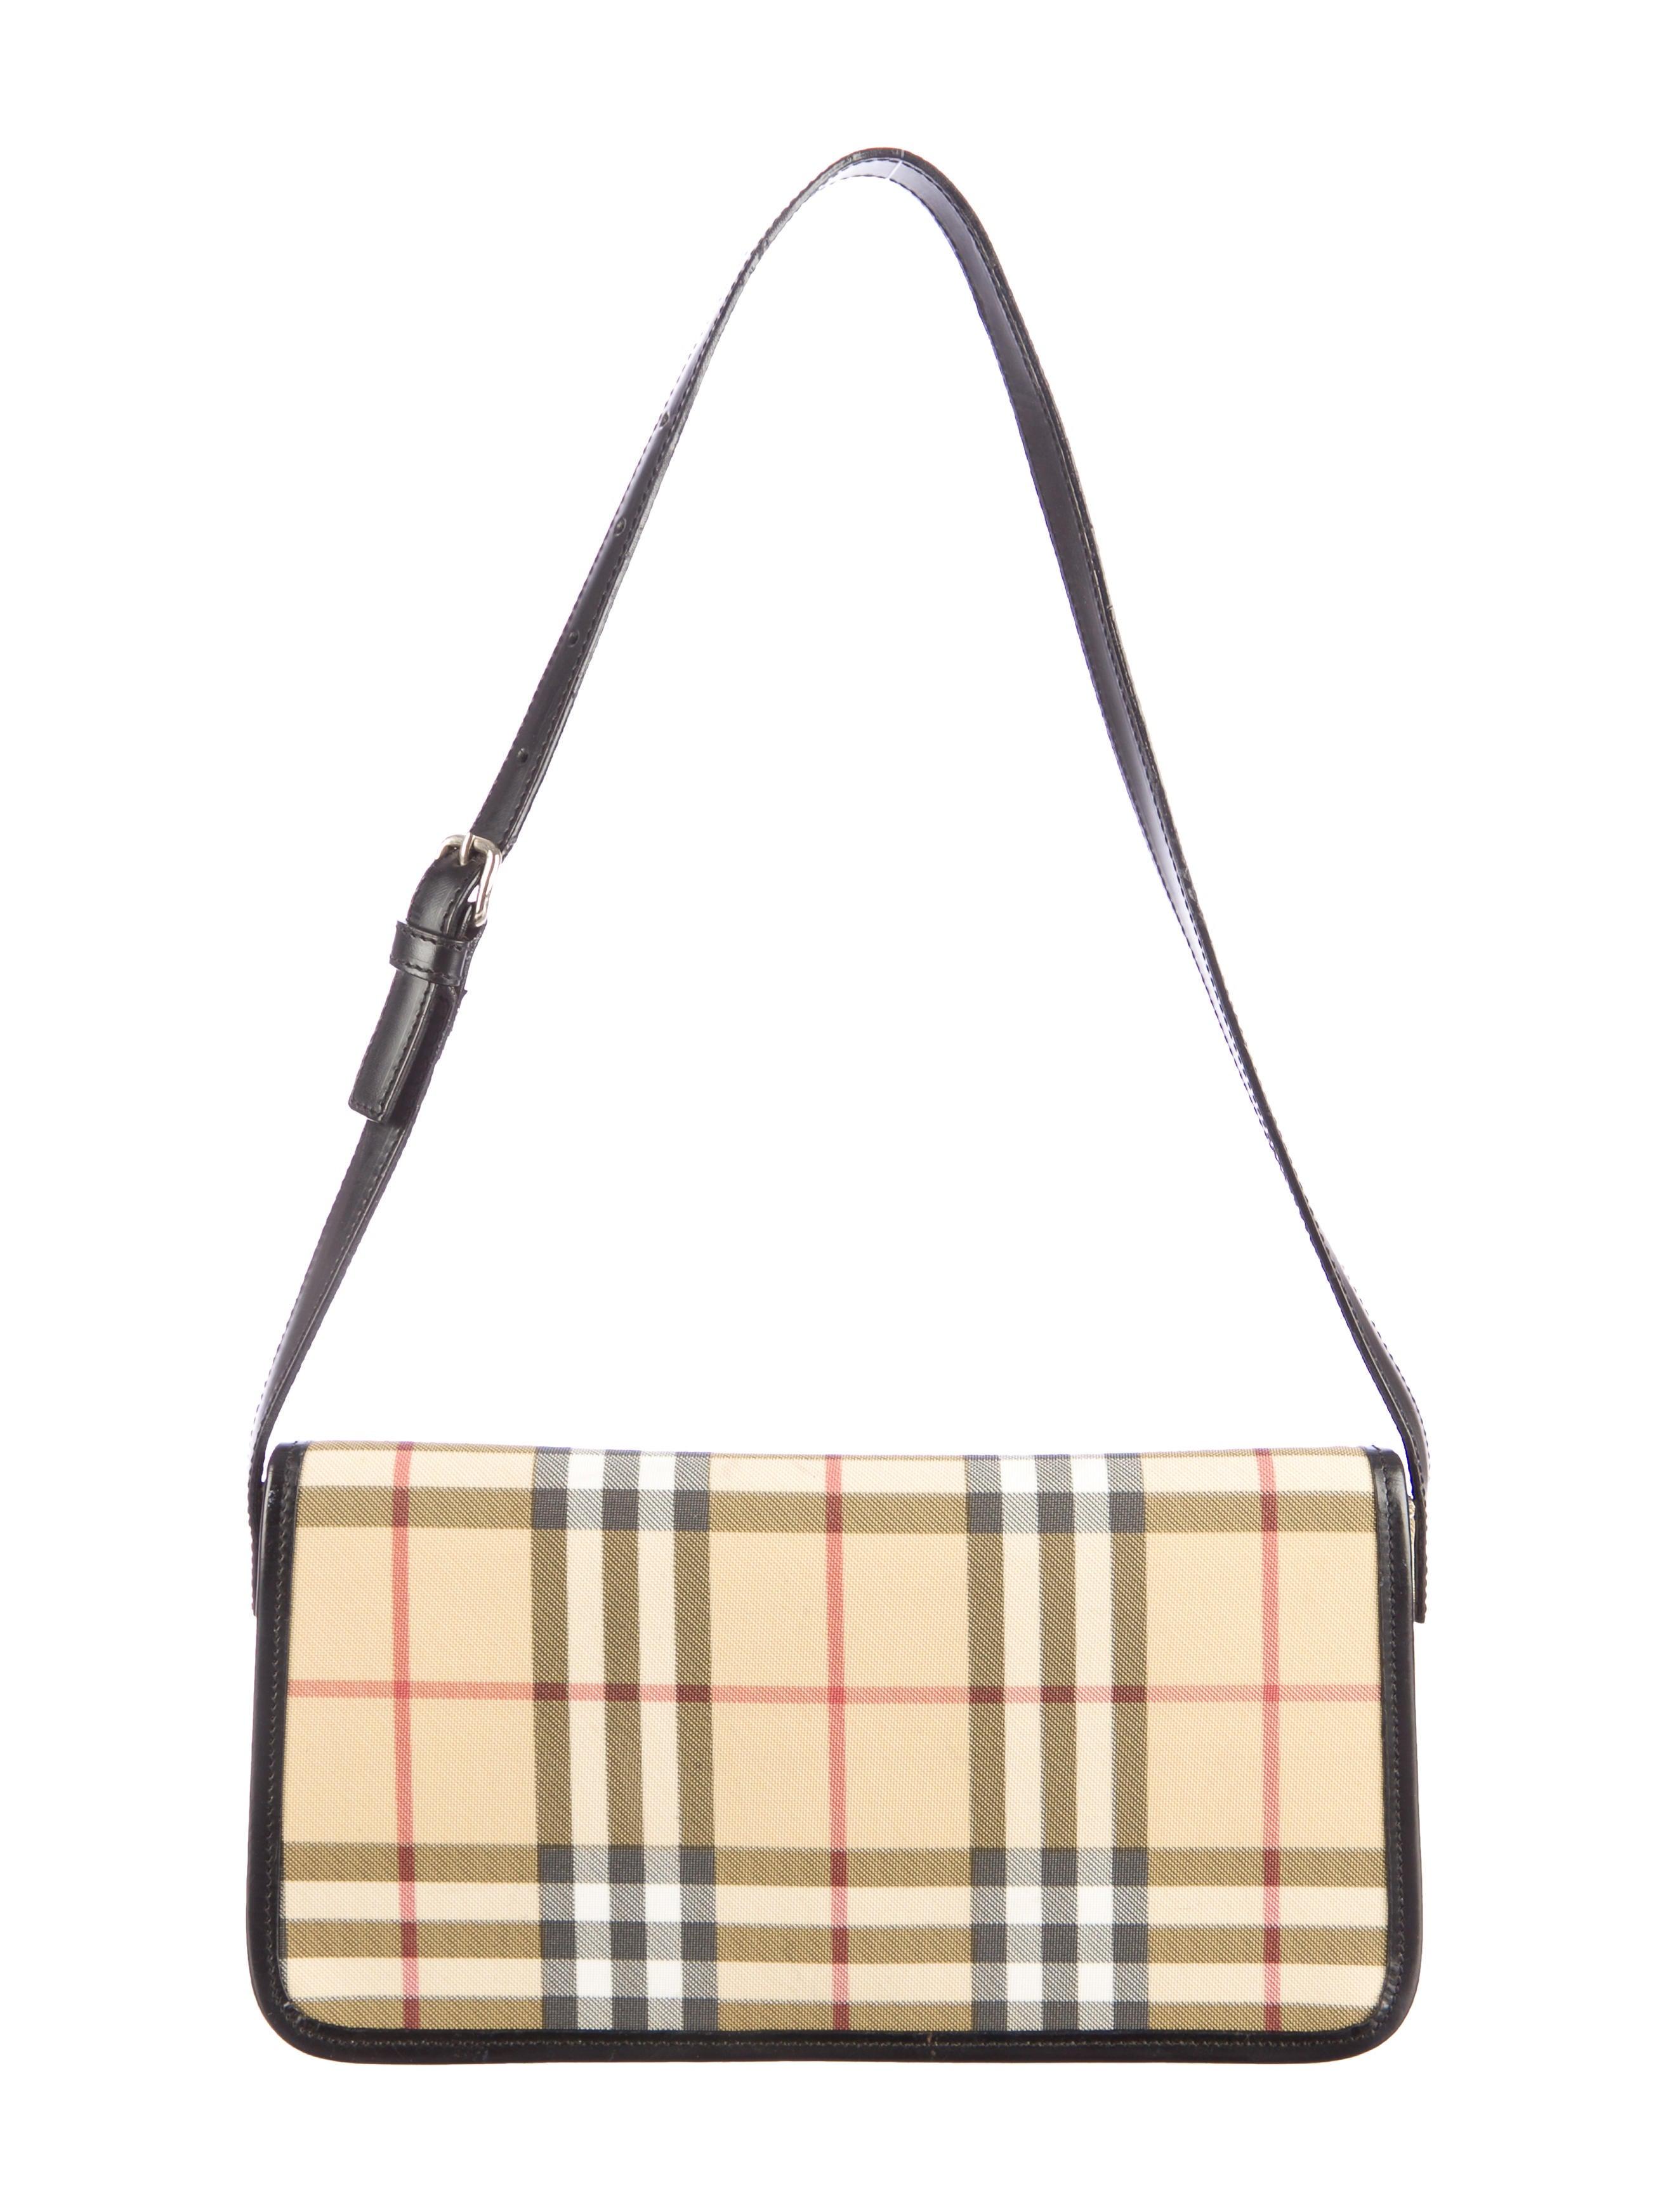 Burberry Nova Check Shoulder Bag - Handbags - BUR40959 ...